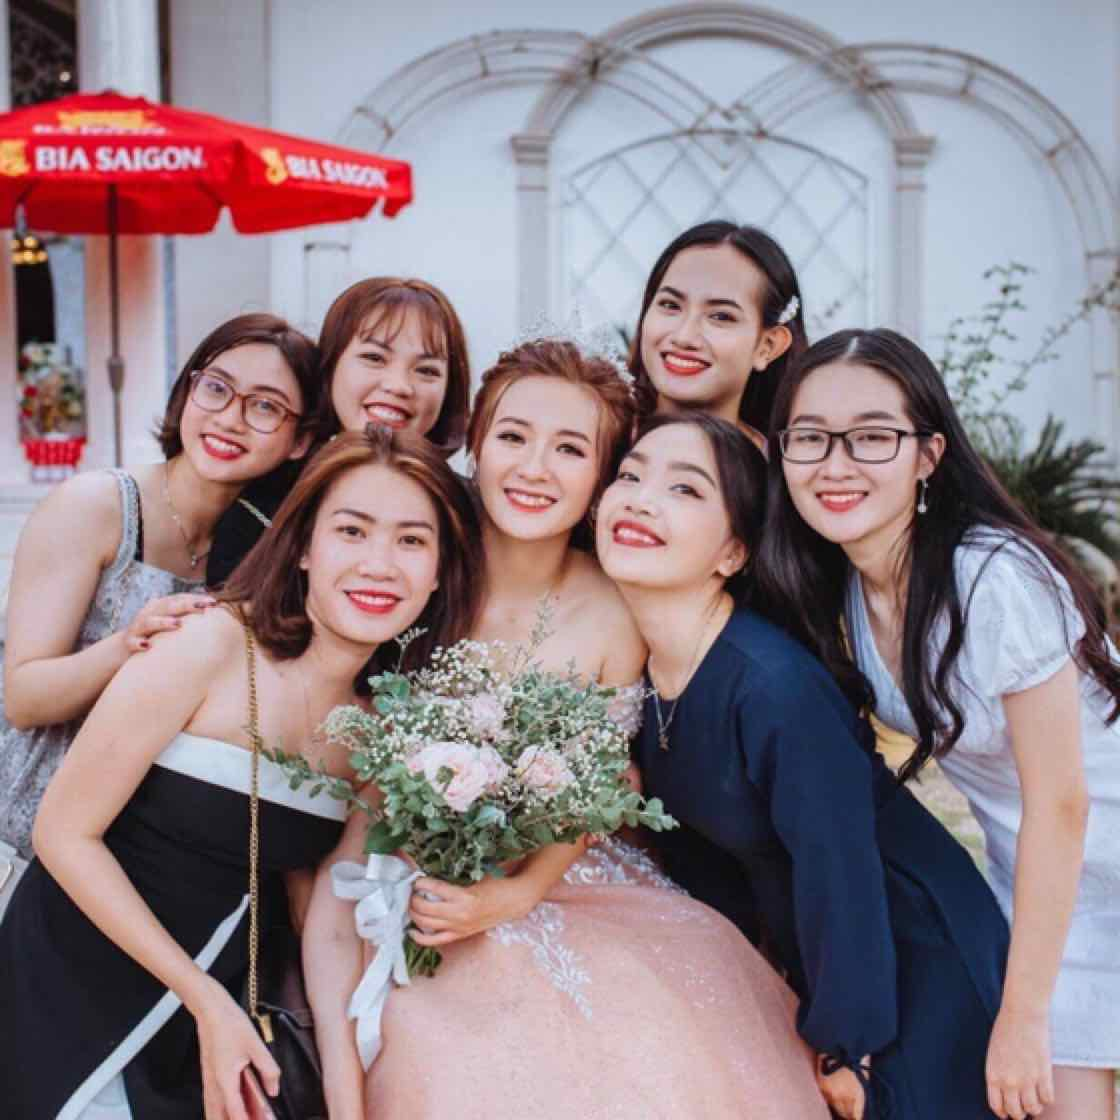 Minh Miinh - Hội người trẻ neo đơn bền bỉ chúng tui rất vui mừng thông báo đã gả được bạn, và sắp loại thêm một đứa vào năm sau :|